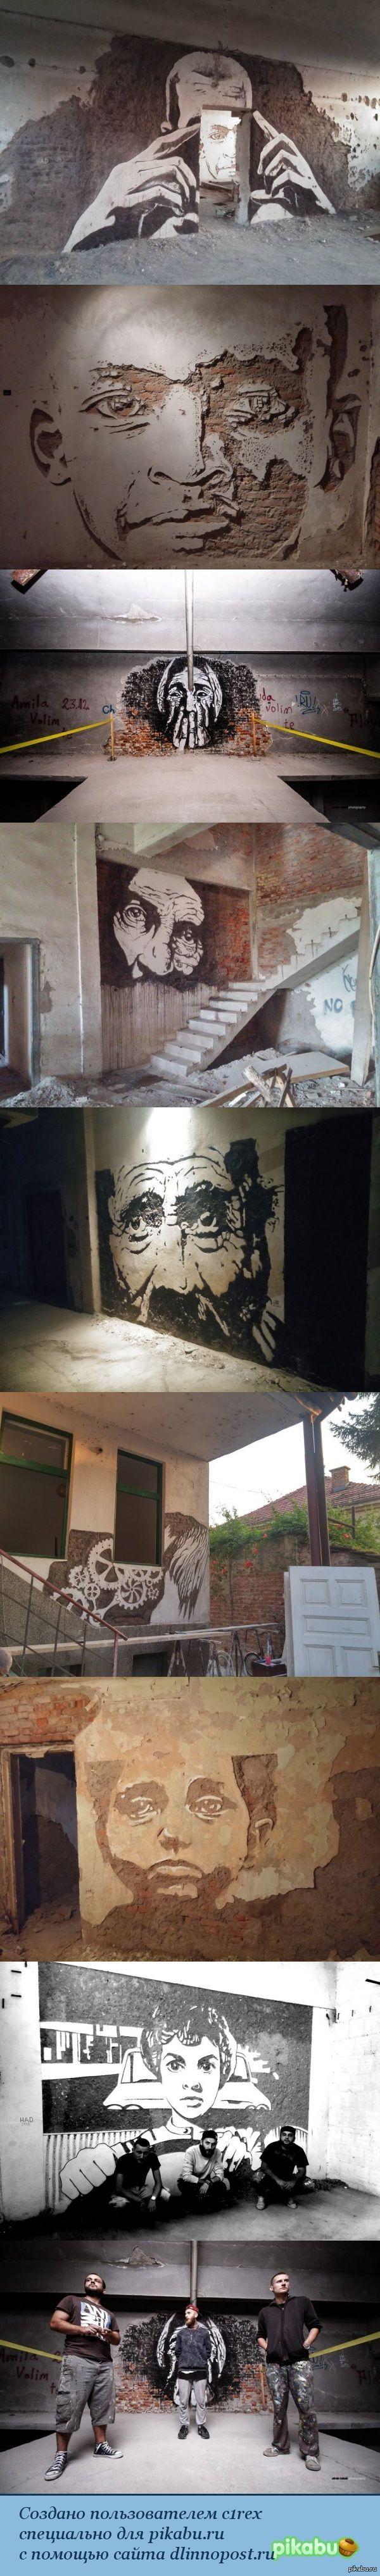 Уличные художники превратили заброшенный завод, в картинную галерею.